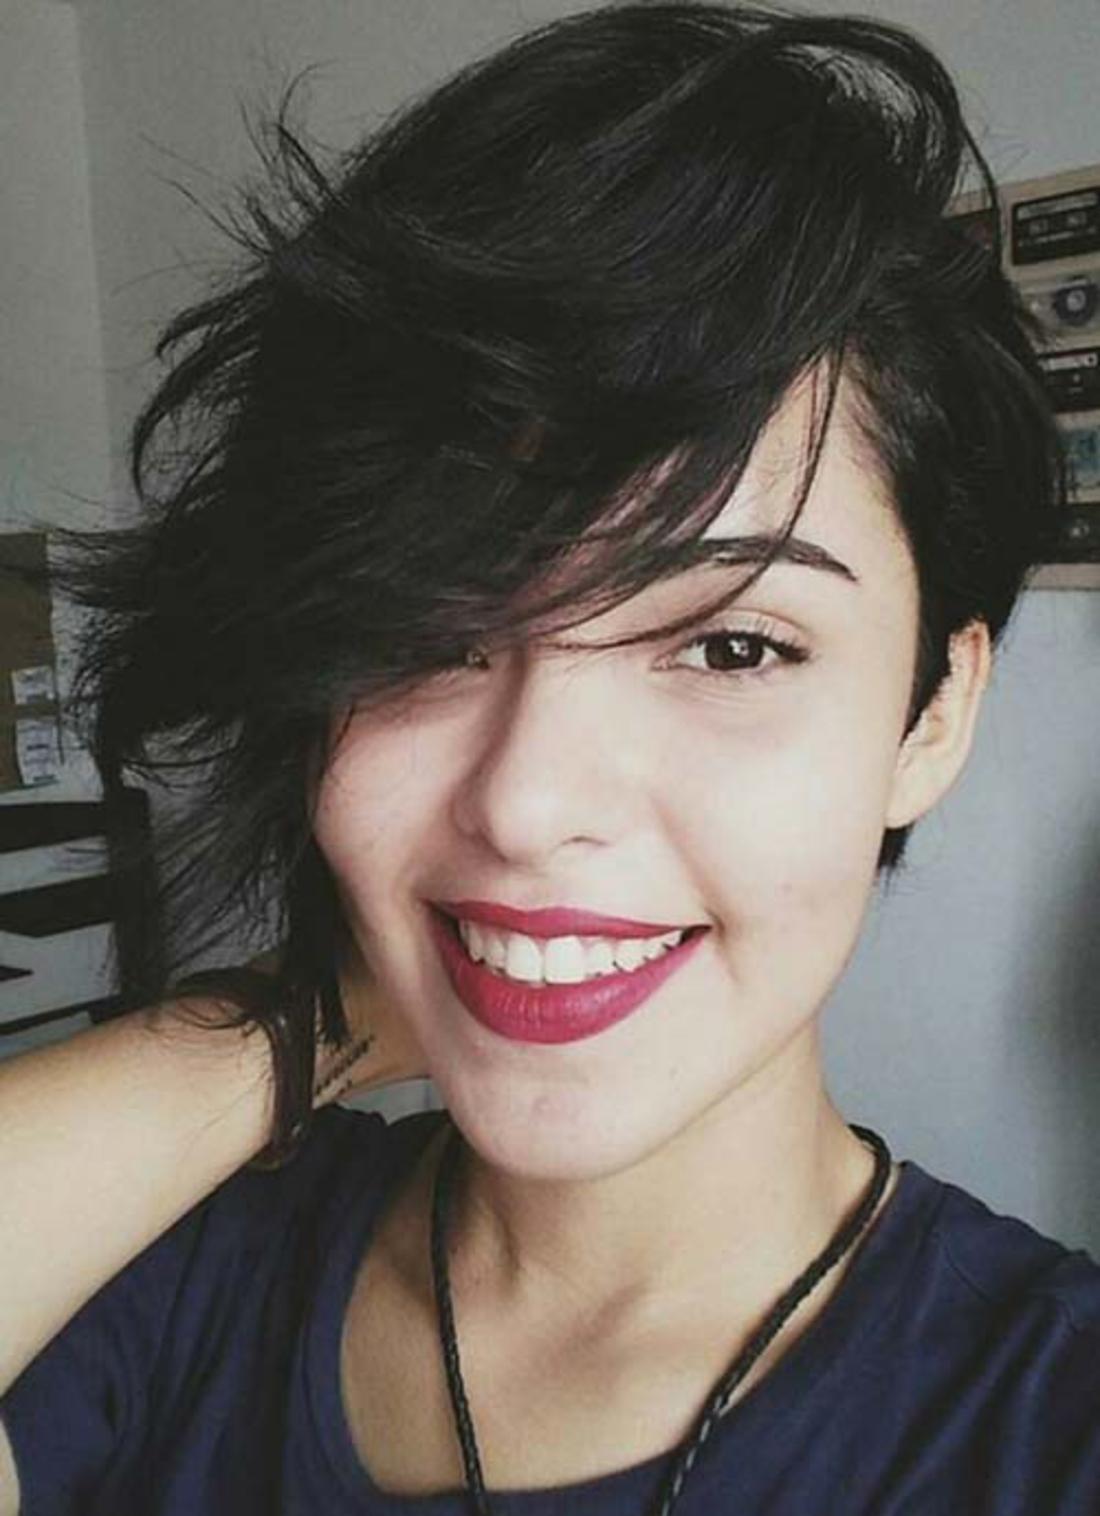 schwarze Haare, lange Haare, greller Lippenstift eine Selfie nach der Frisöse